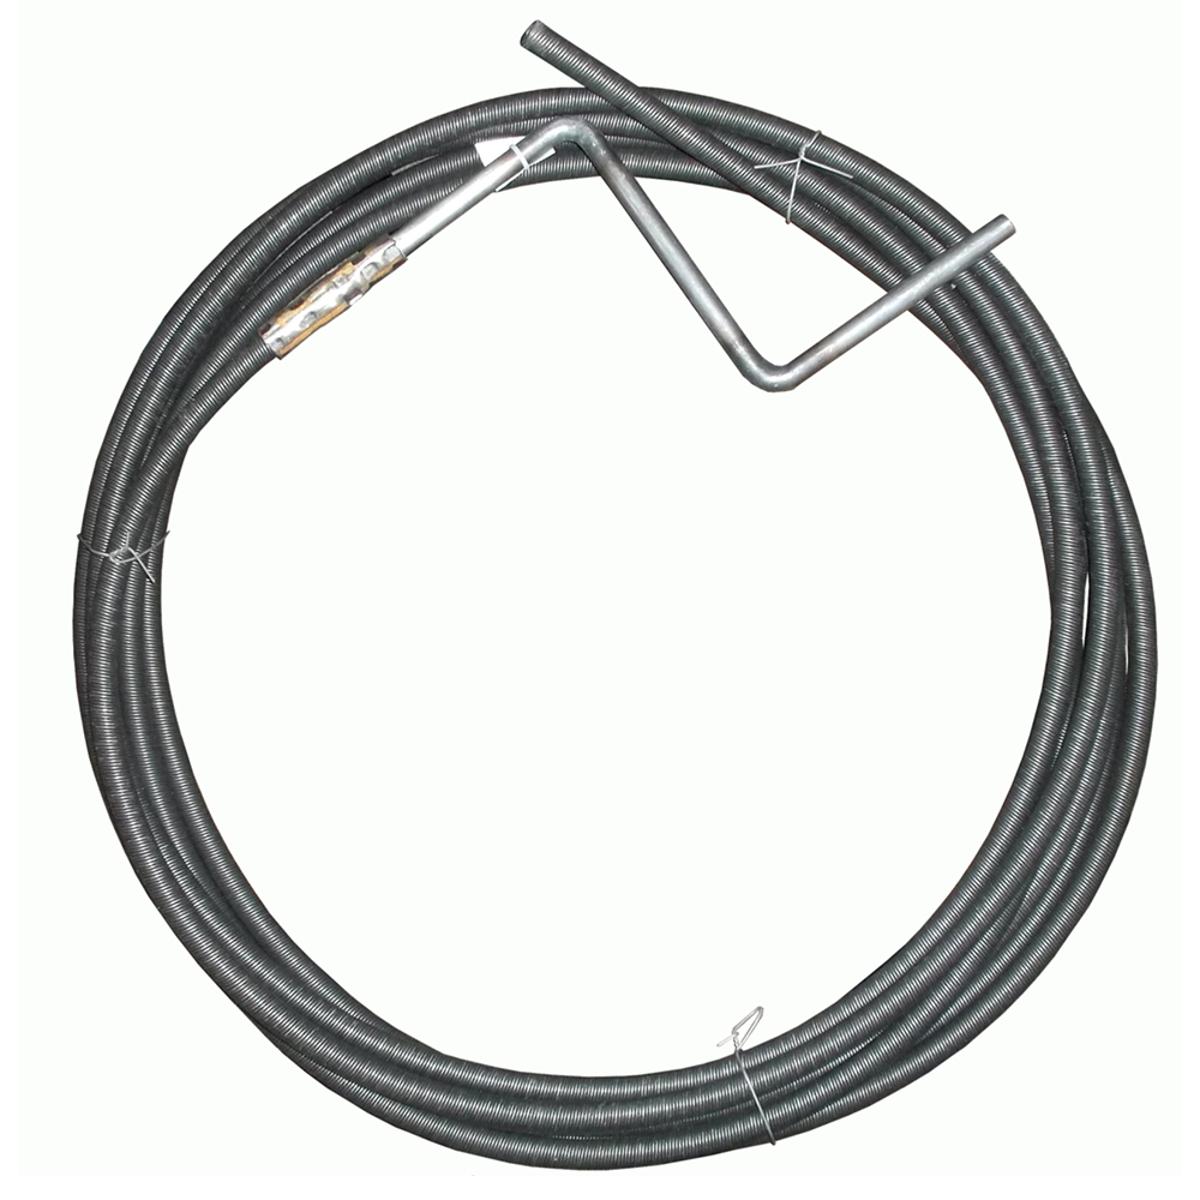 Трос для прочистки канализационных труб Masterprof, пружинный, 9 мм х 5 мИС.130037Пружинный трос Masterprof выполнен из металла и предназначен для прочистки канализационных труб. Диаметр: 9 мм. Длина: 5 м.